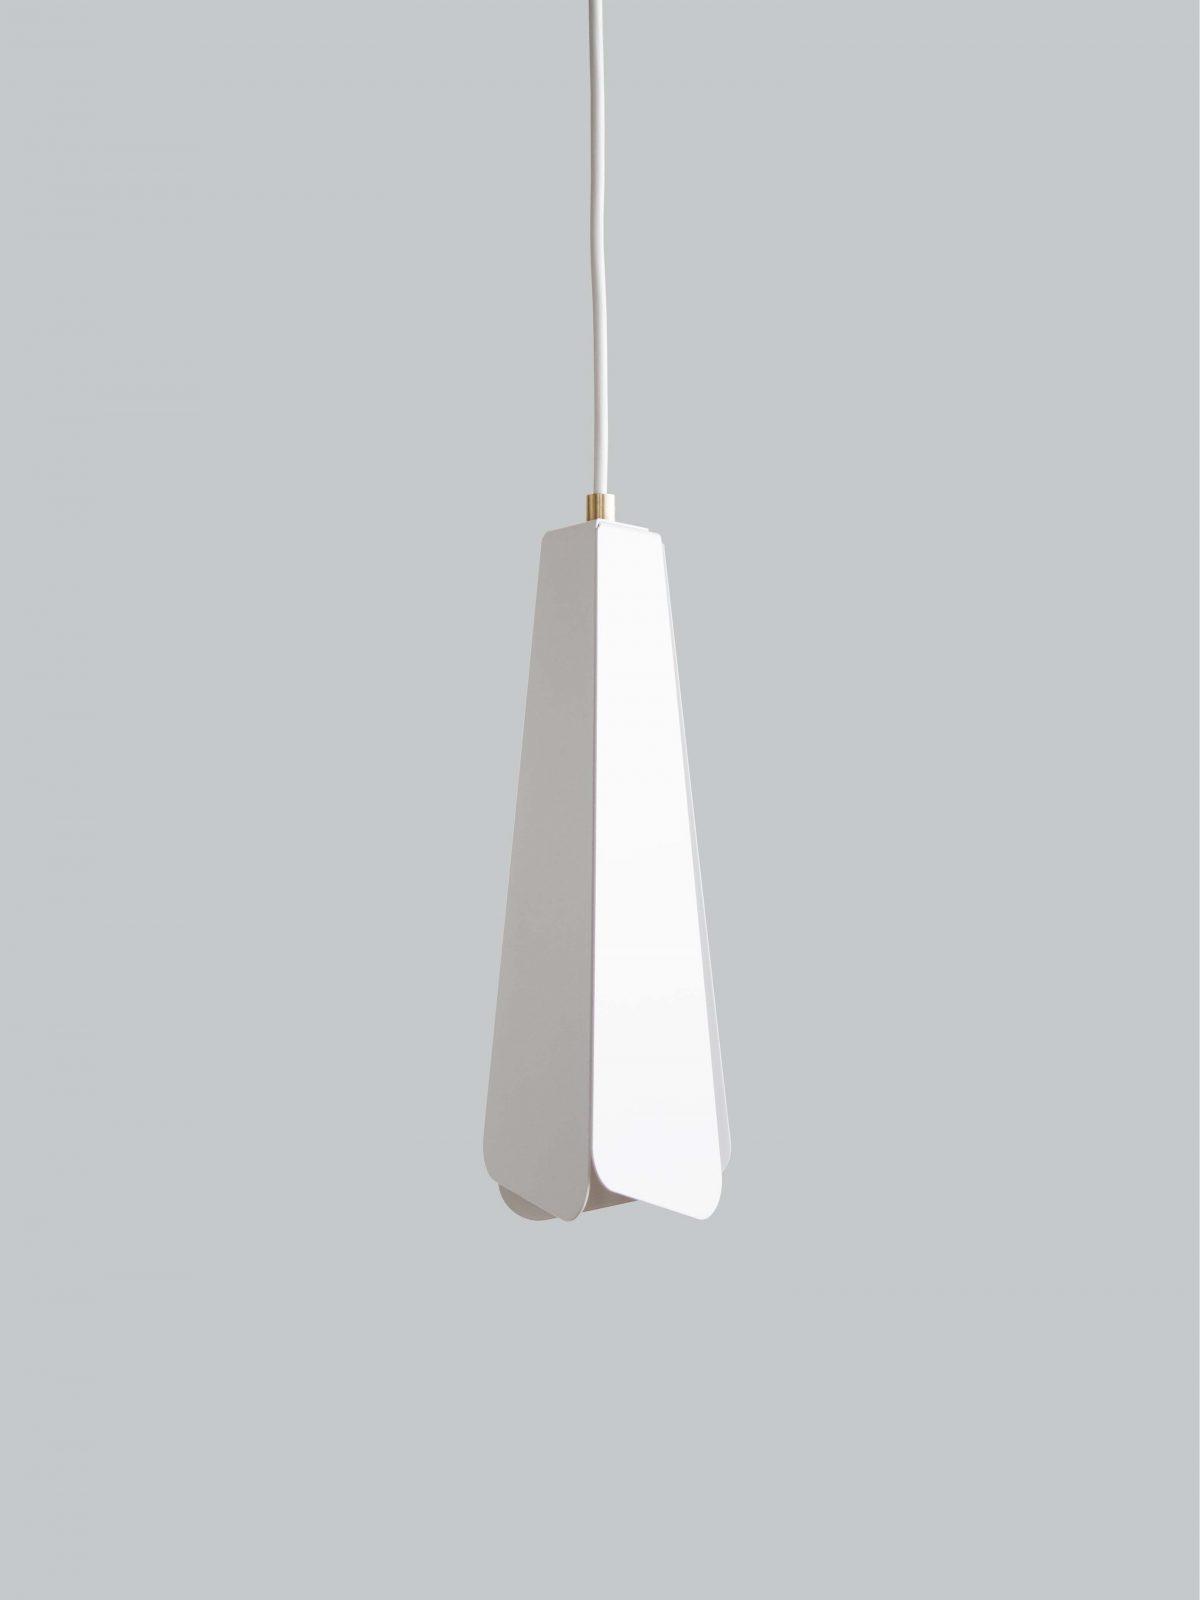 Oato Invert hanglamp wit – Gimmii